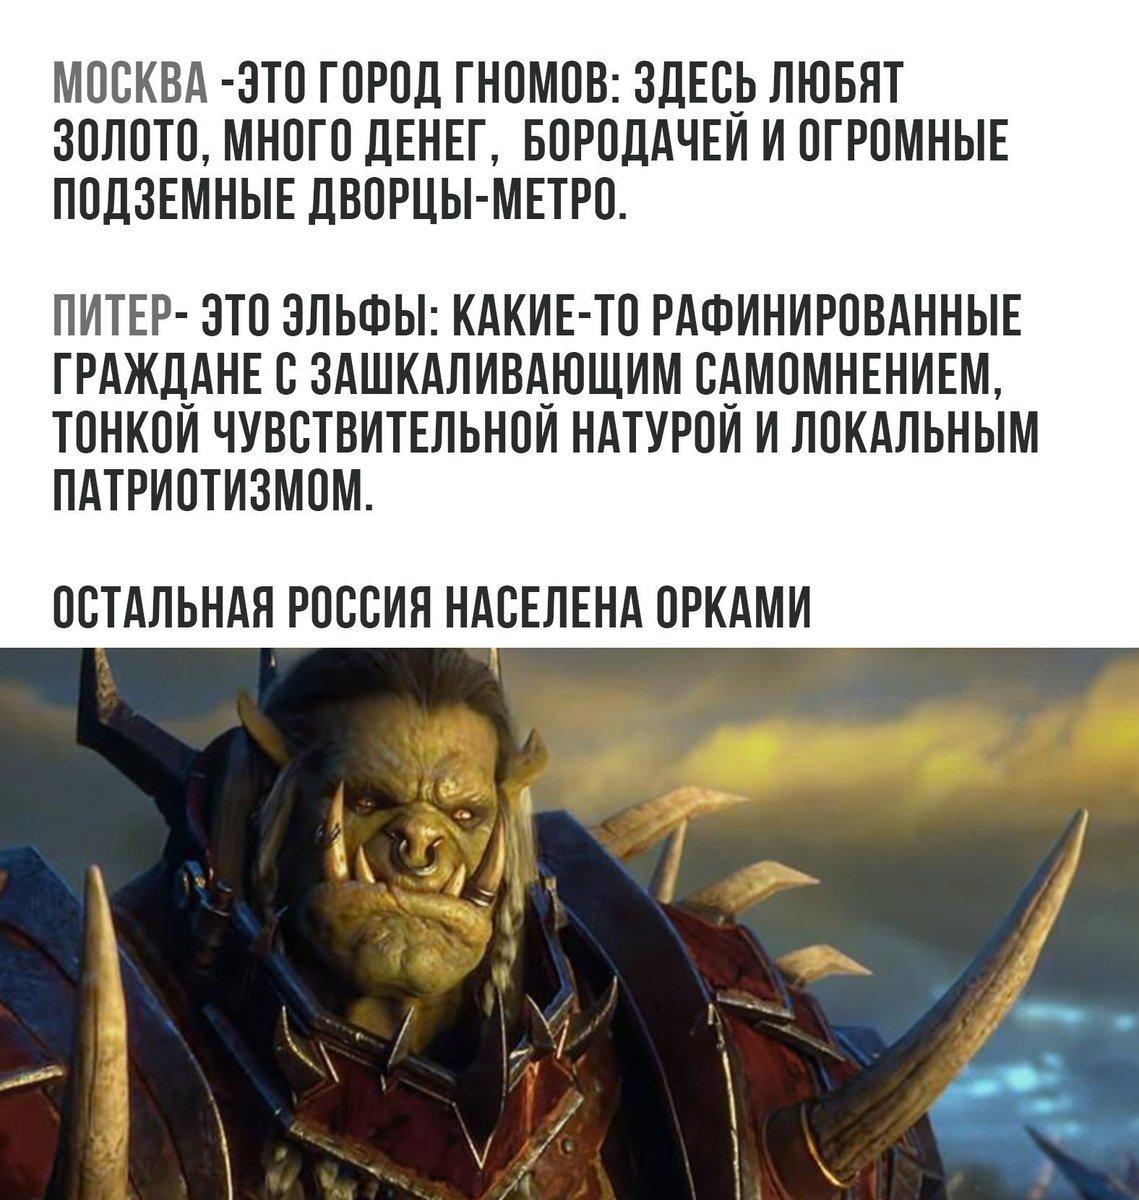 https://sun9-25.userapi.com/c852236/v852236545/18c40c/G_OdS6naKPM.jpg